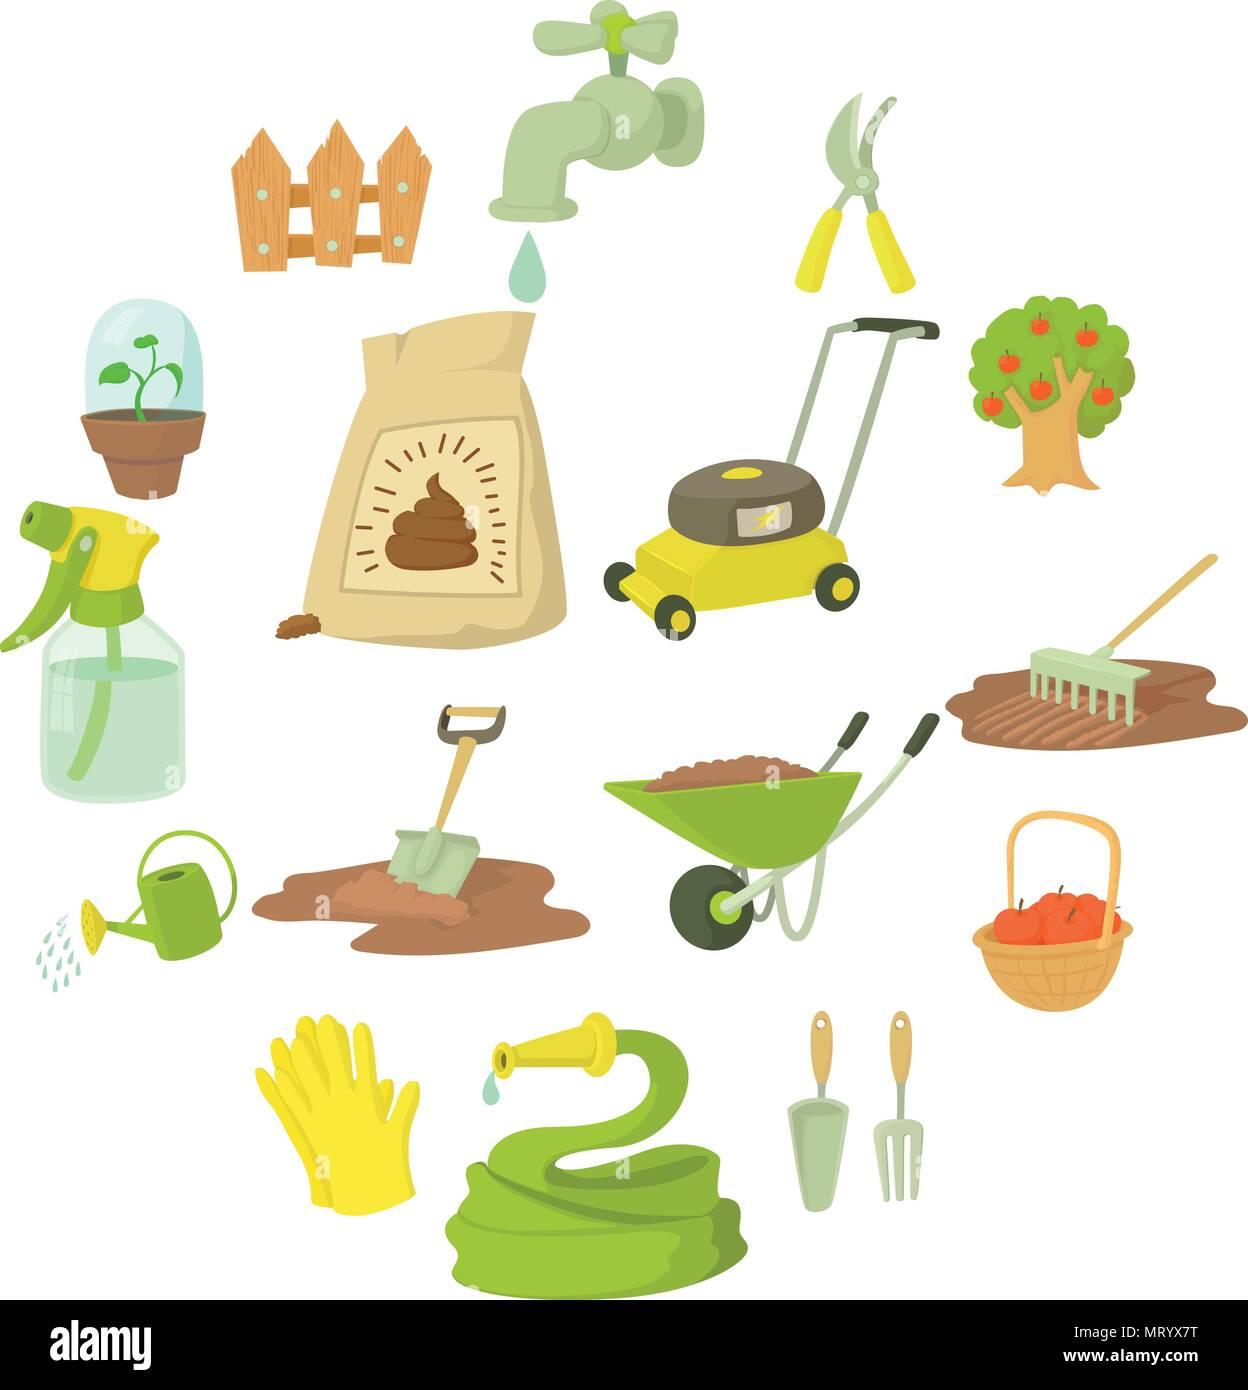 Iconos De Herramientas De Jardinero Estilo De Dibujos Animados